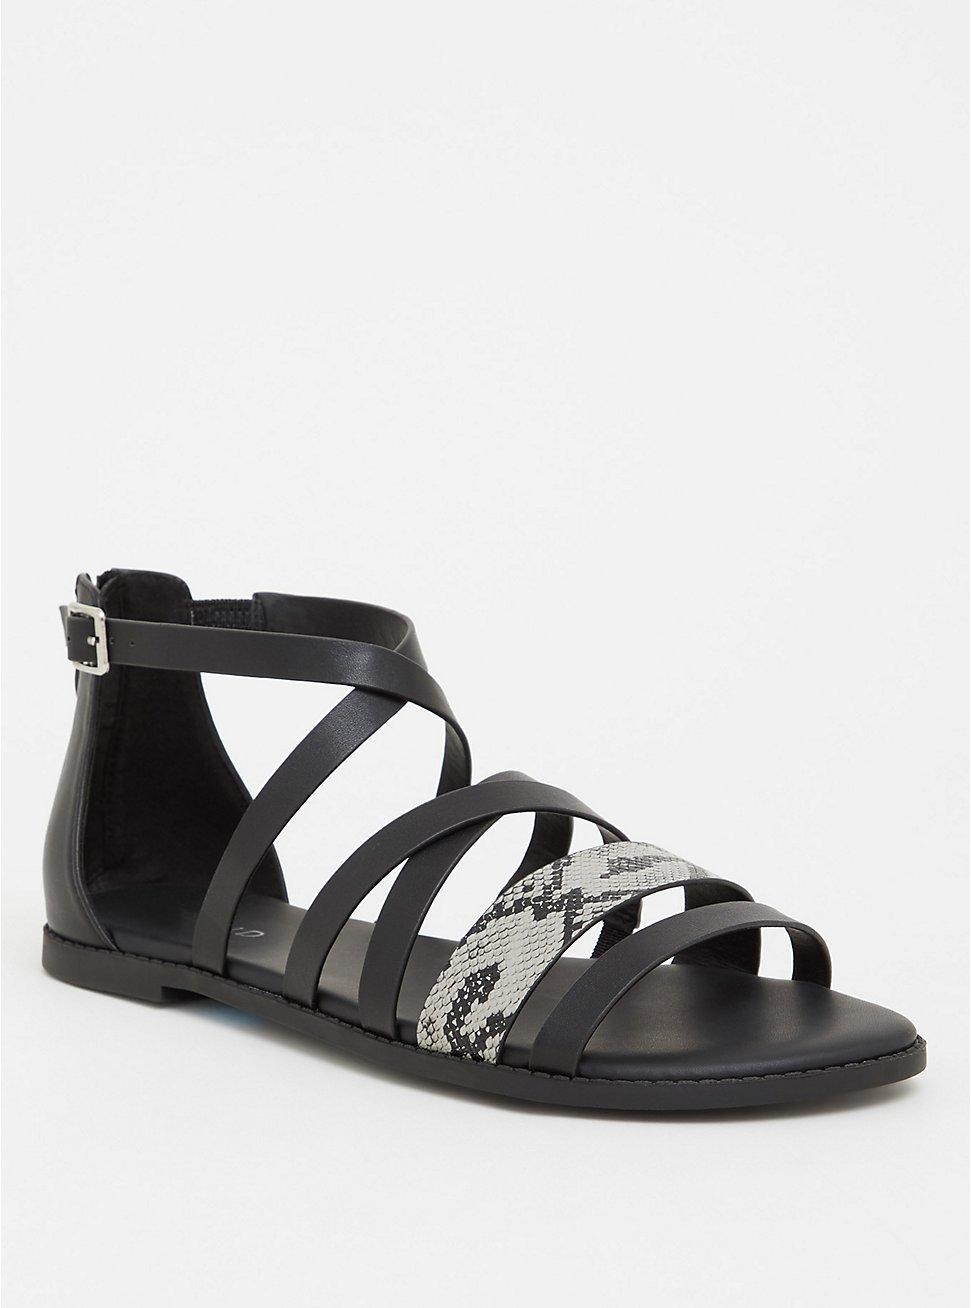 Black Snakeskin Print Faux Leather Gladiator Sandal (Wide Width), BLACK, hi-res